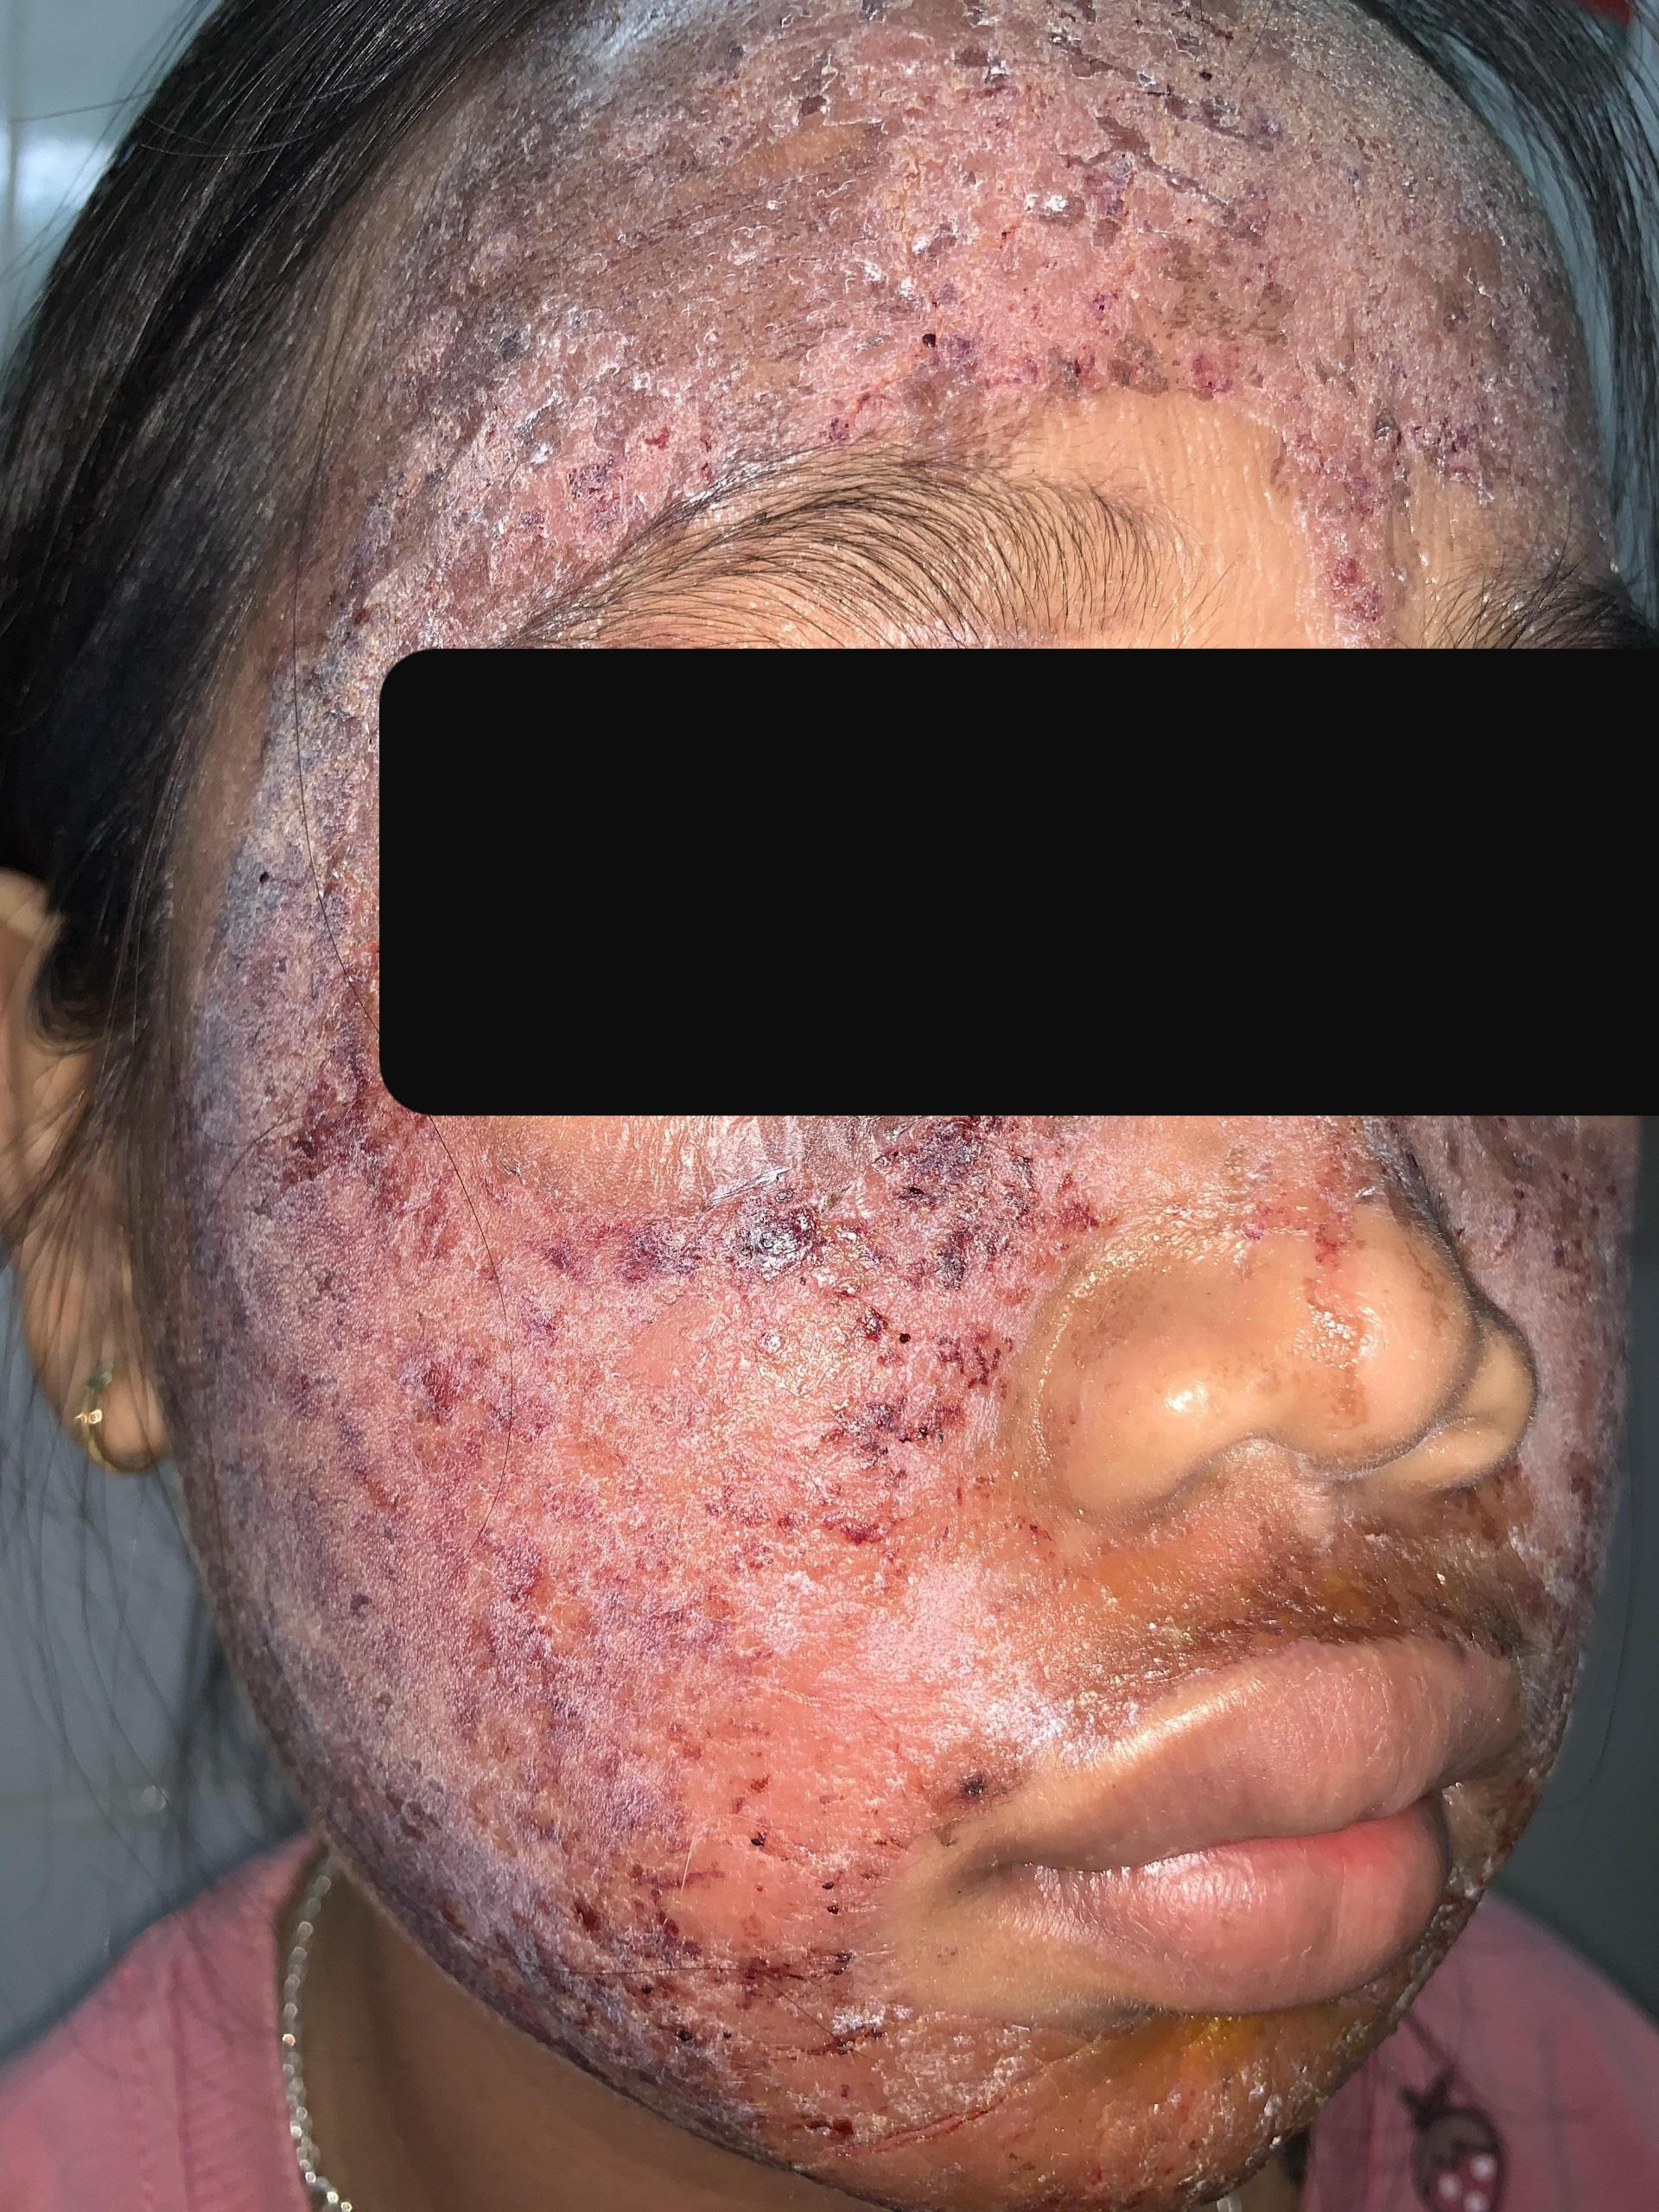 Thích trắng hồng, thiếu nữ 17 tuổi dùng kem lột cấp tốc khiến cả khuôn mặt bị phá nát - Ảnh 2.